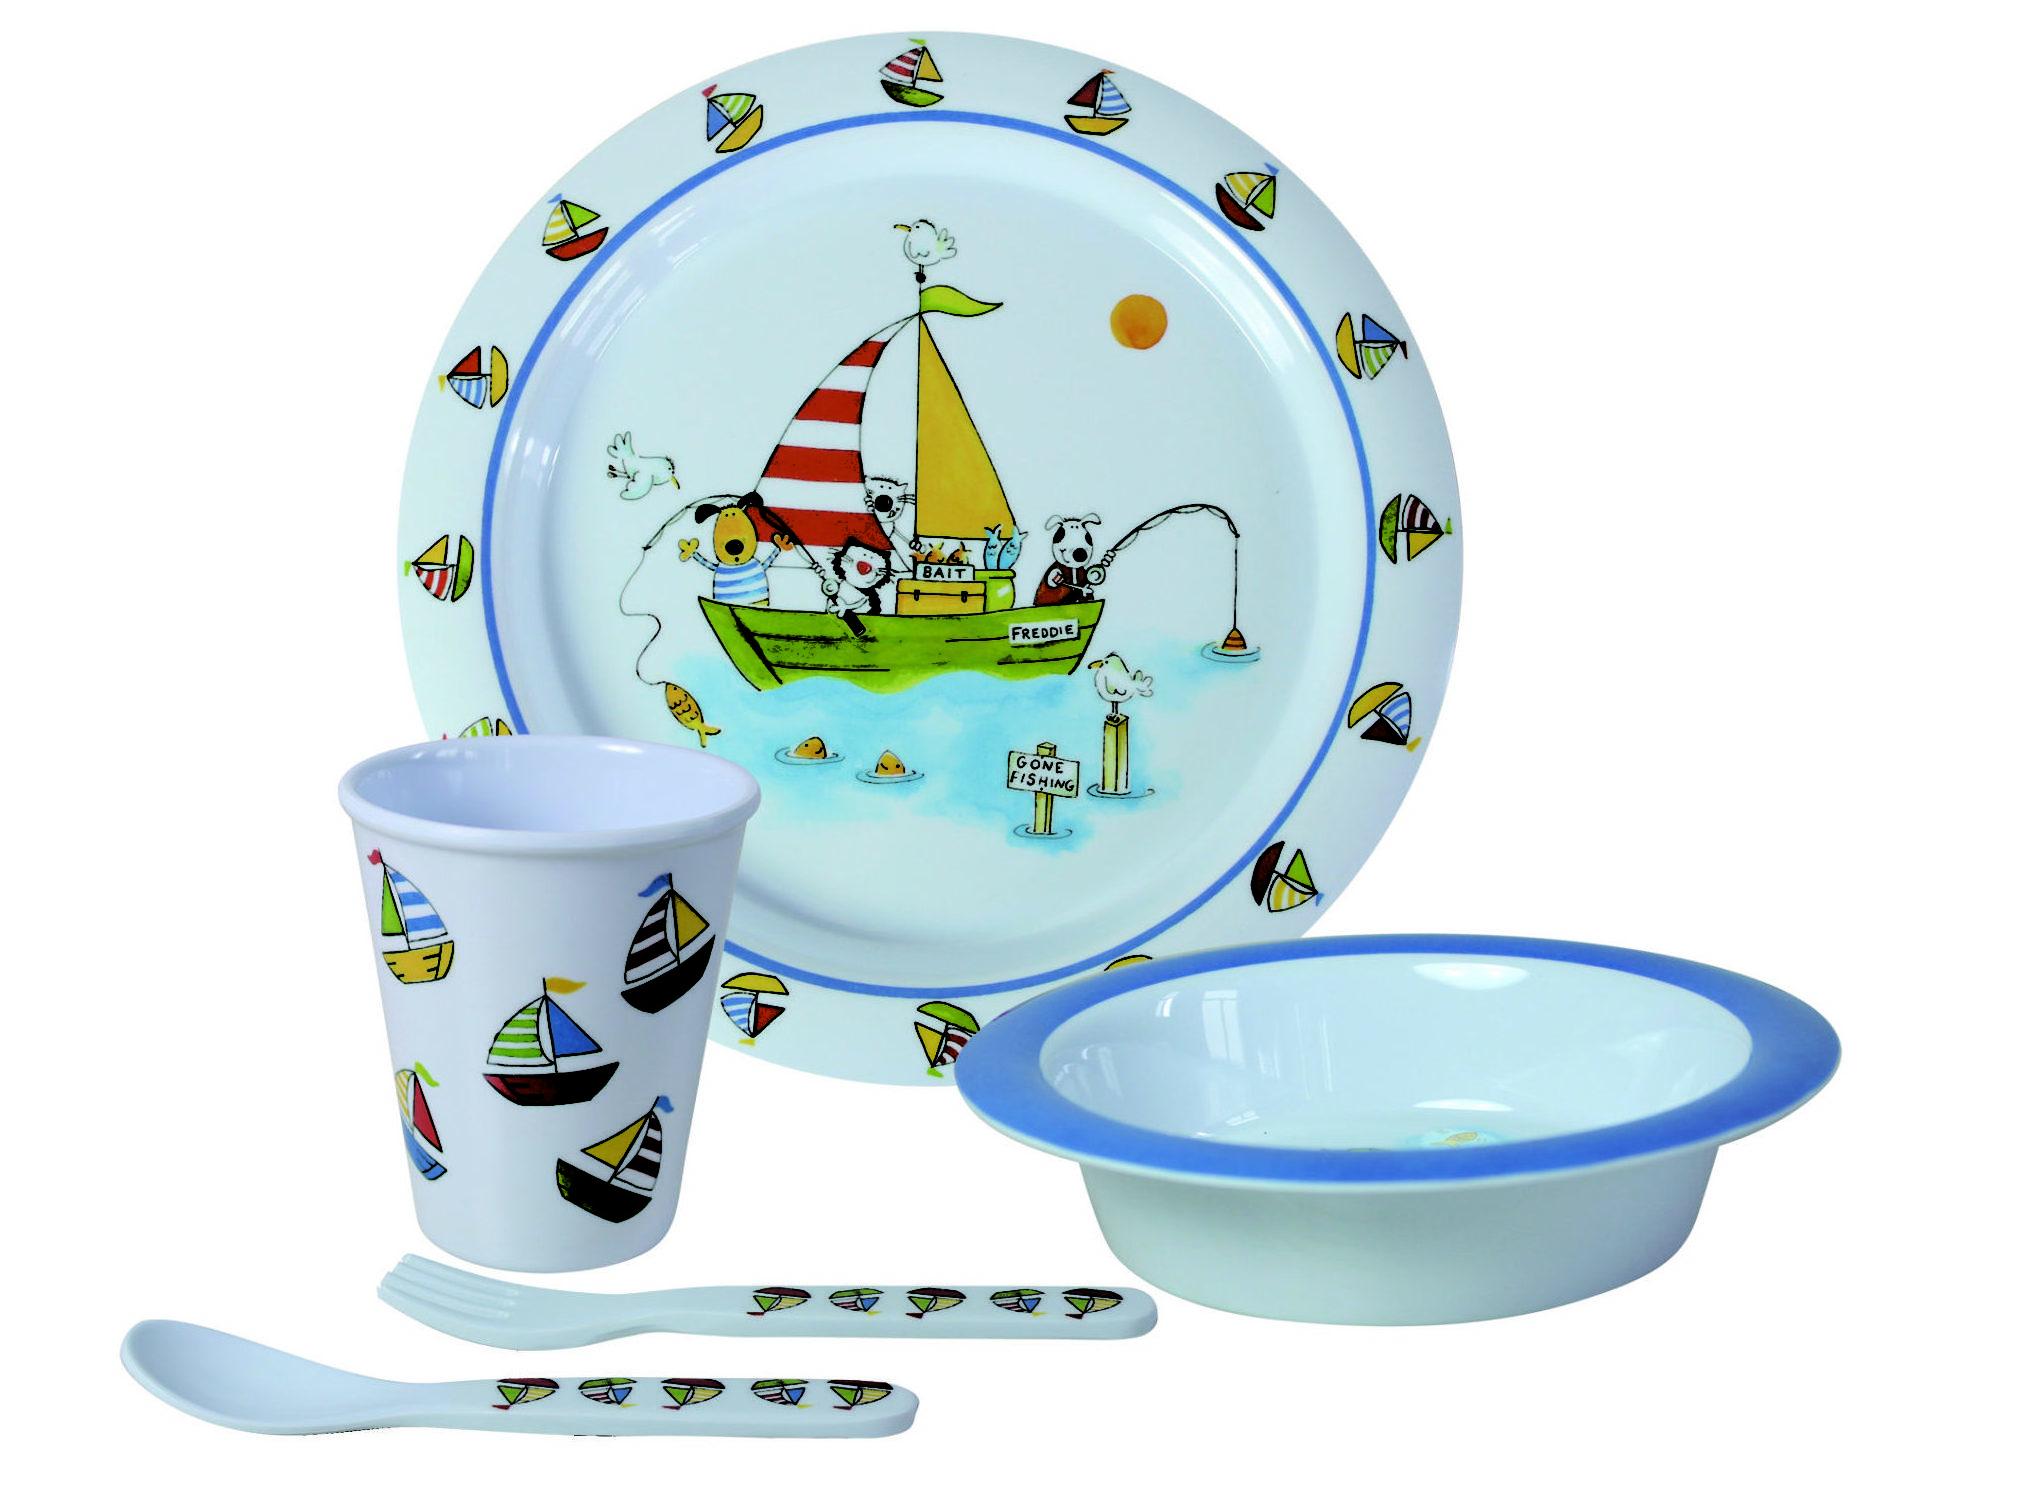 Spisesæt børn - med motiver til børn og baby - melamin